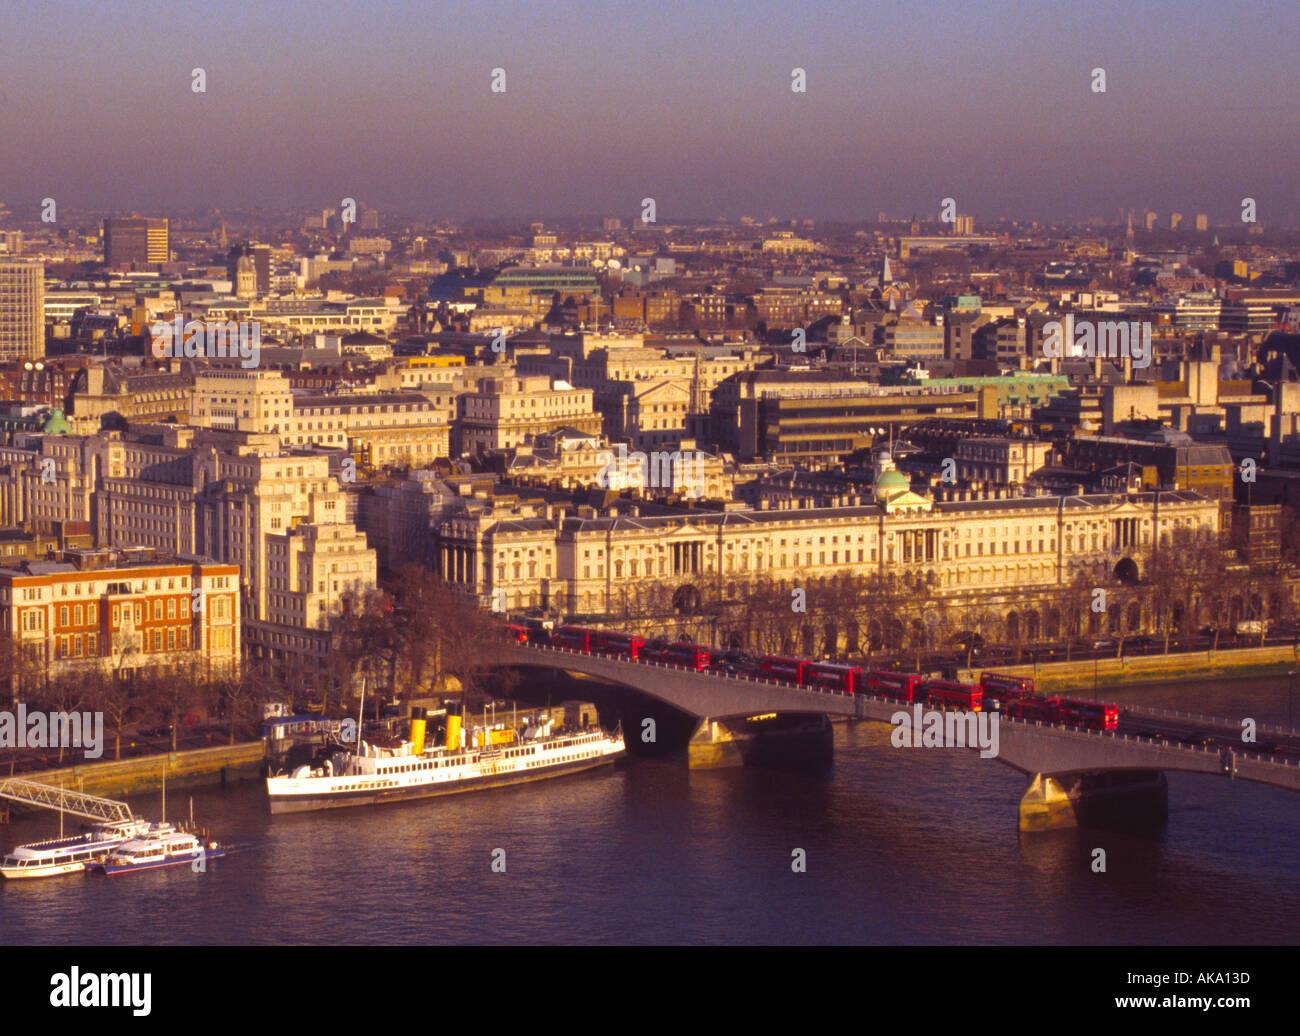 Blick vom London Eye. Stockfoto